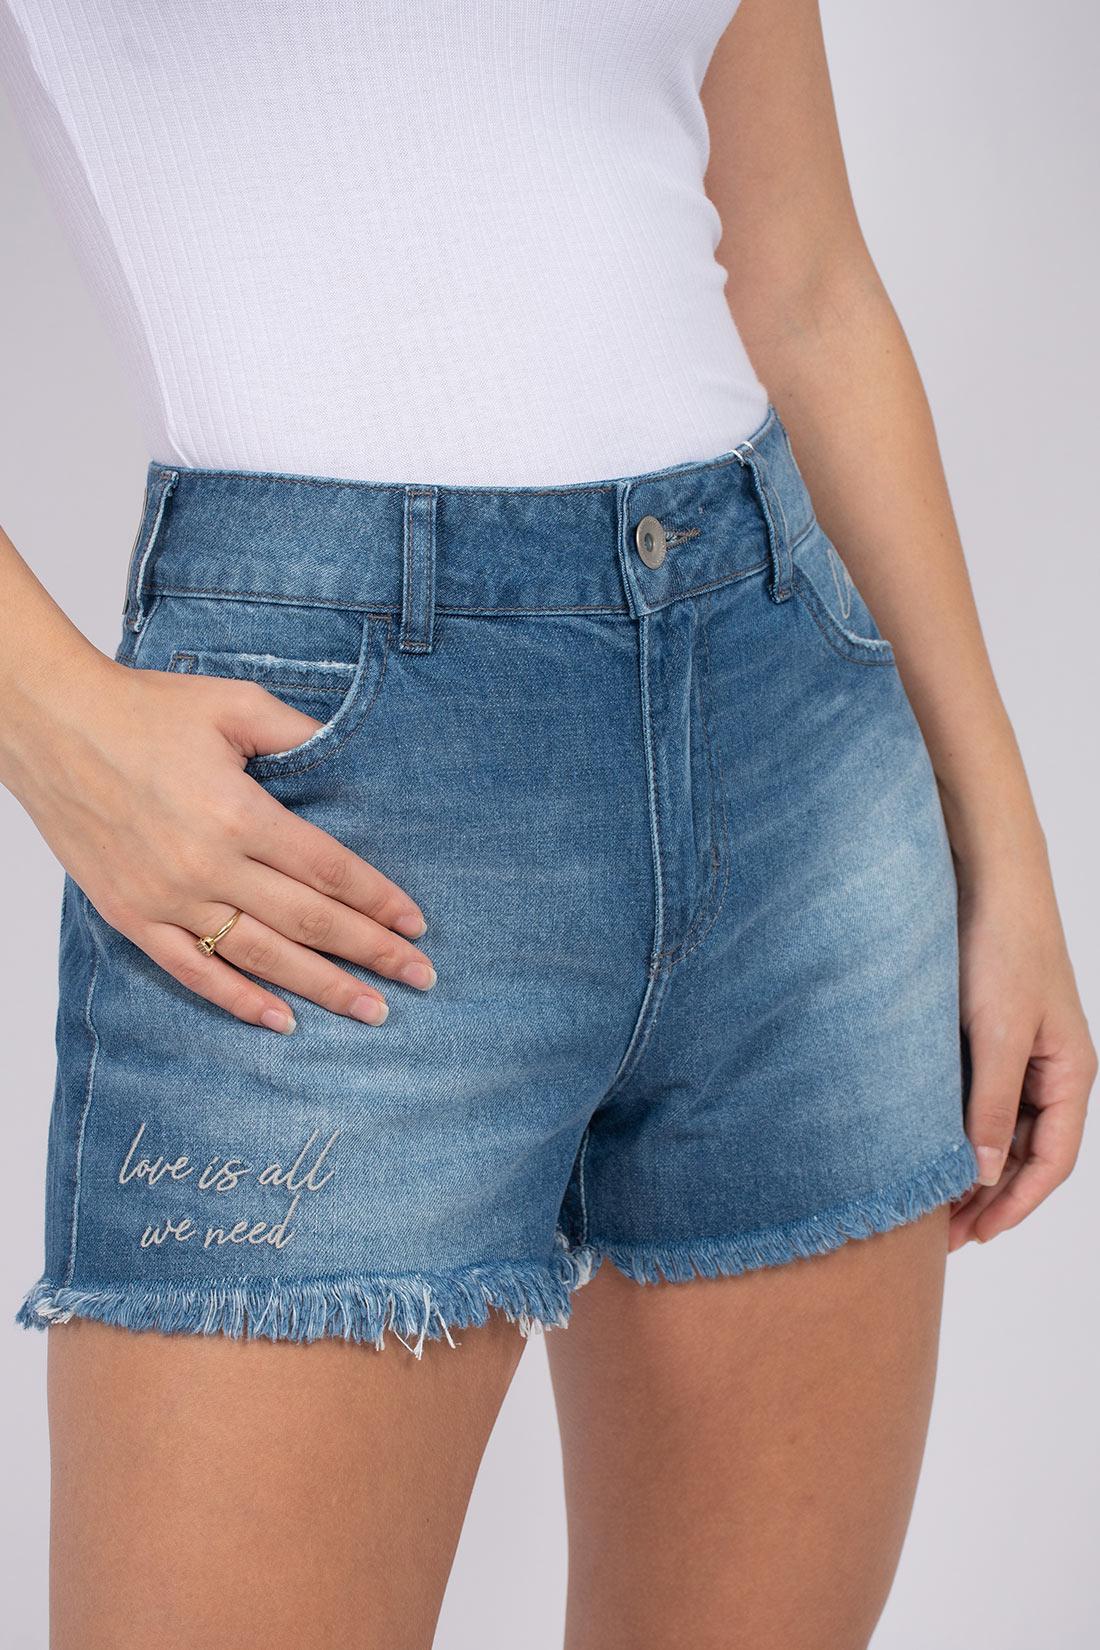 Shorts Jeans Colcci Taylor